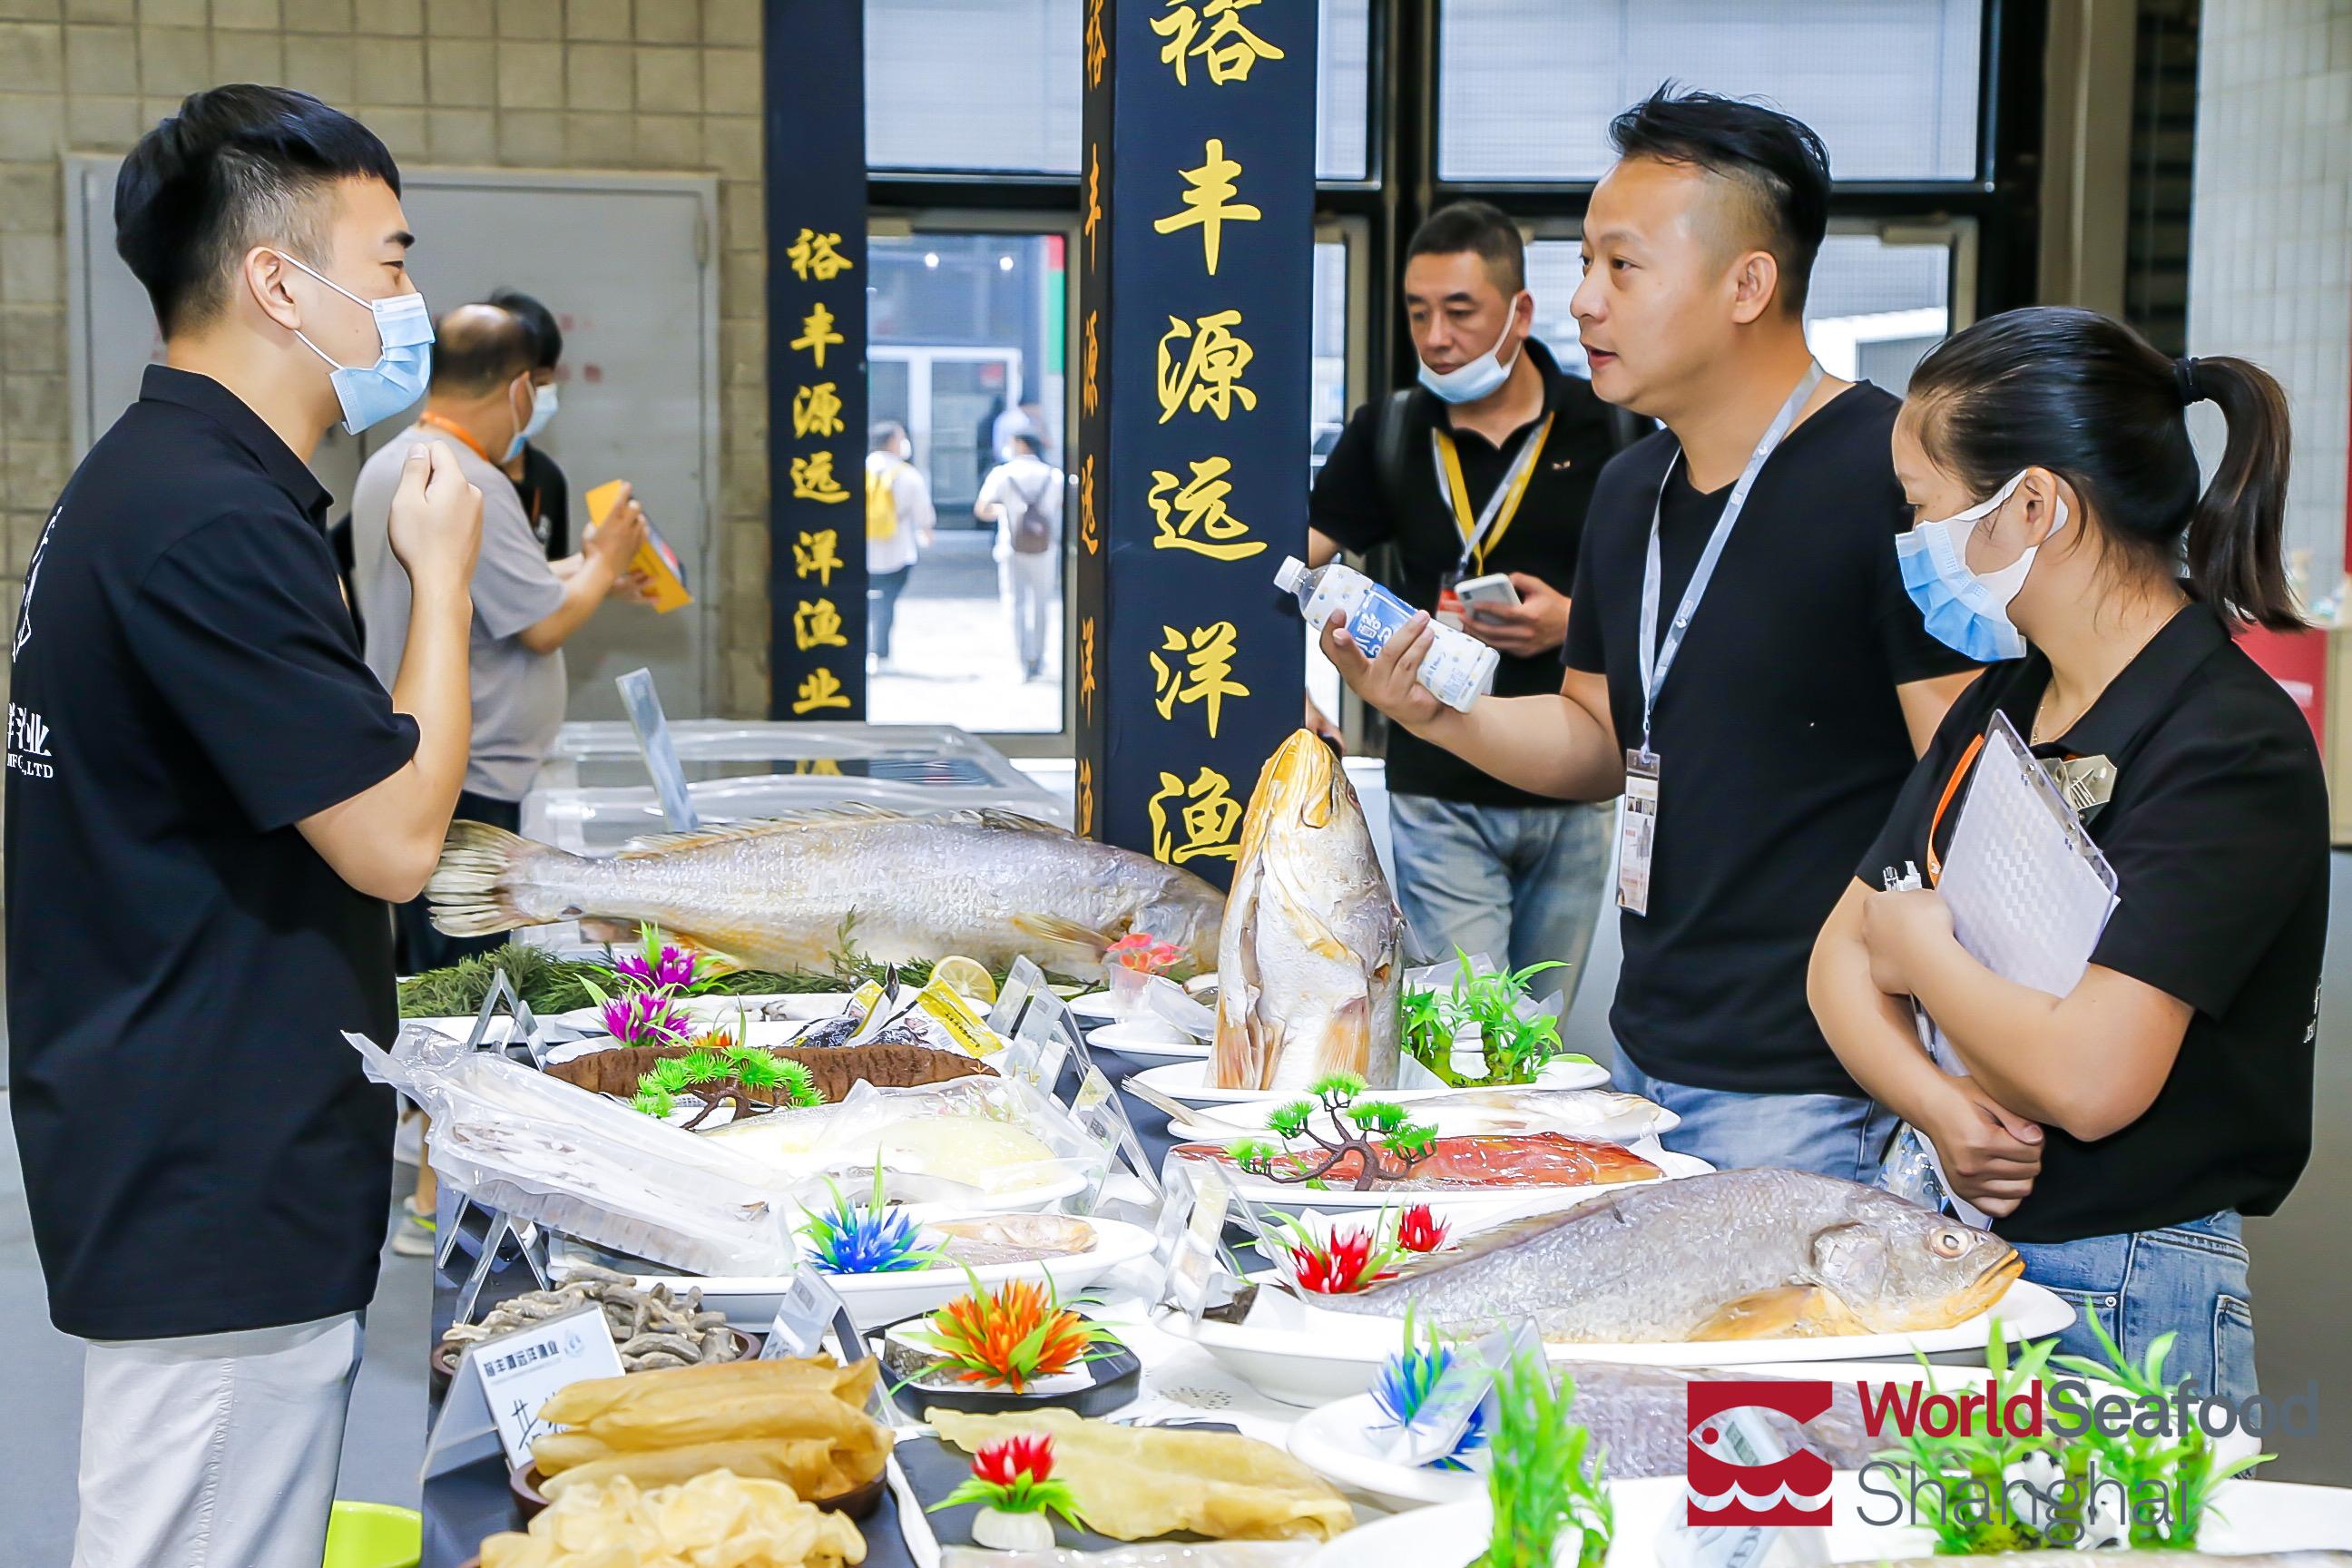 2020第15届上海国际渔业博览会圆满落幕,实力演绎年度饕餮盛会,期待明年再相聚!(图12)